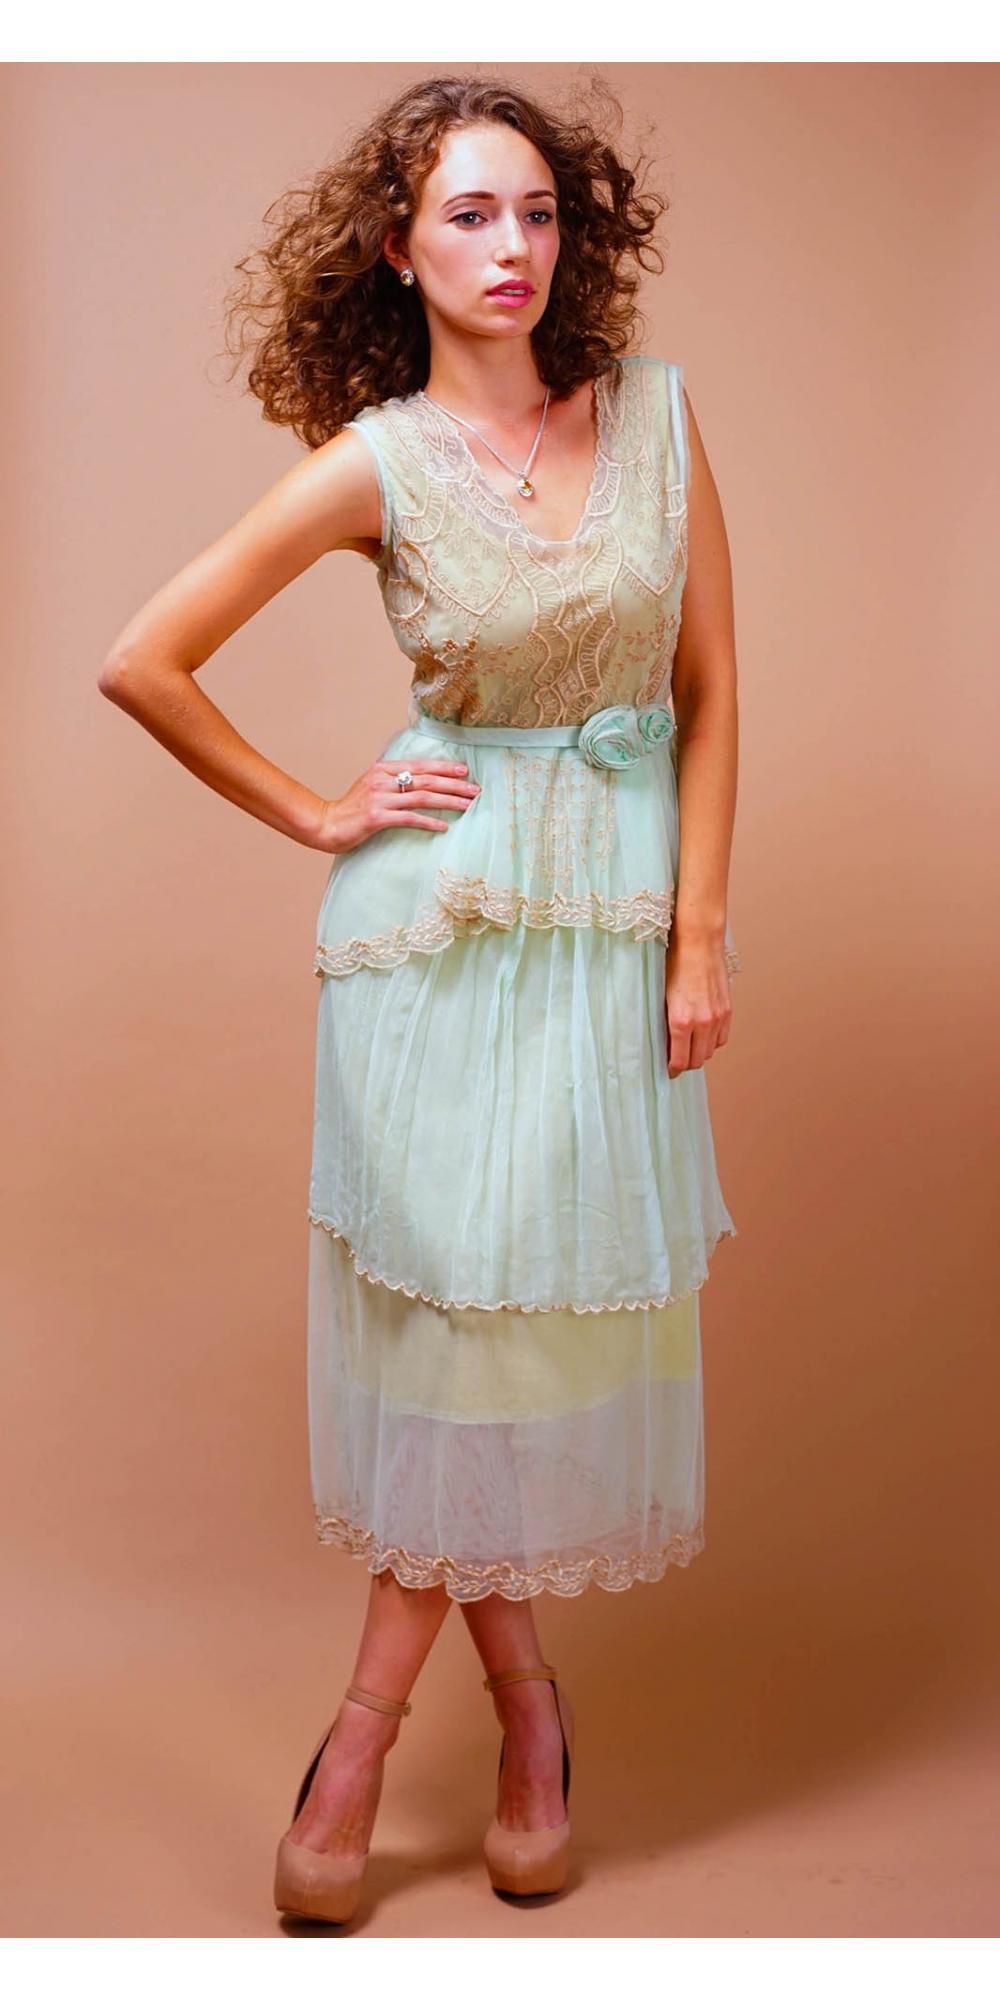 Niedlich Victorian Tea Party Kleider Galerie - Brautkleider Ideen ...